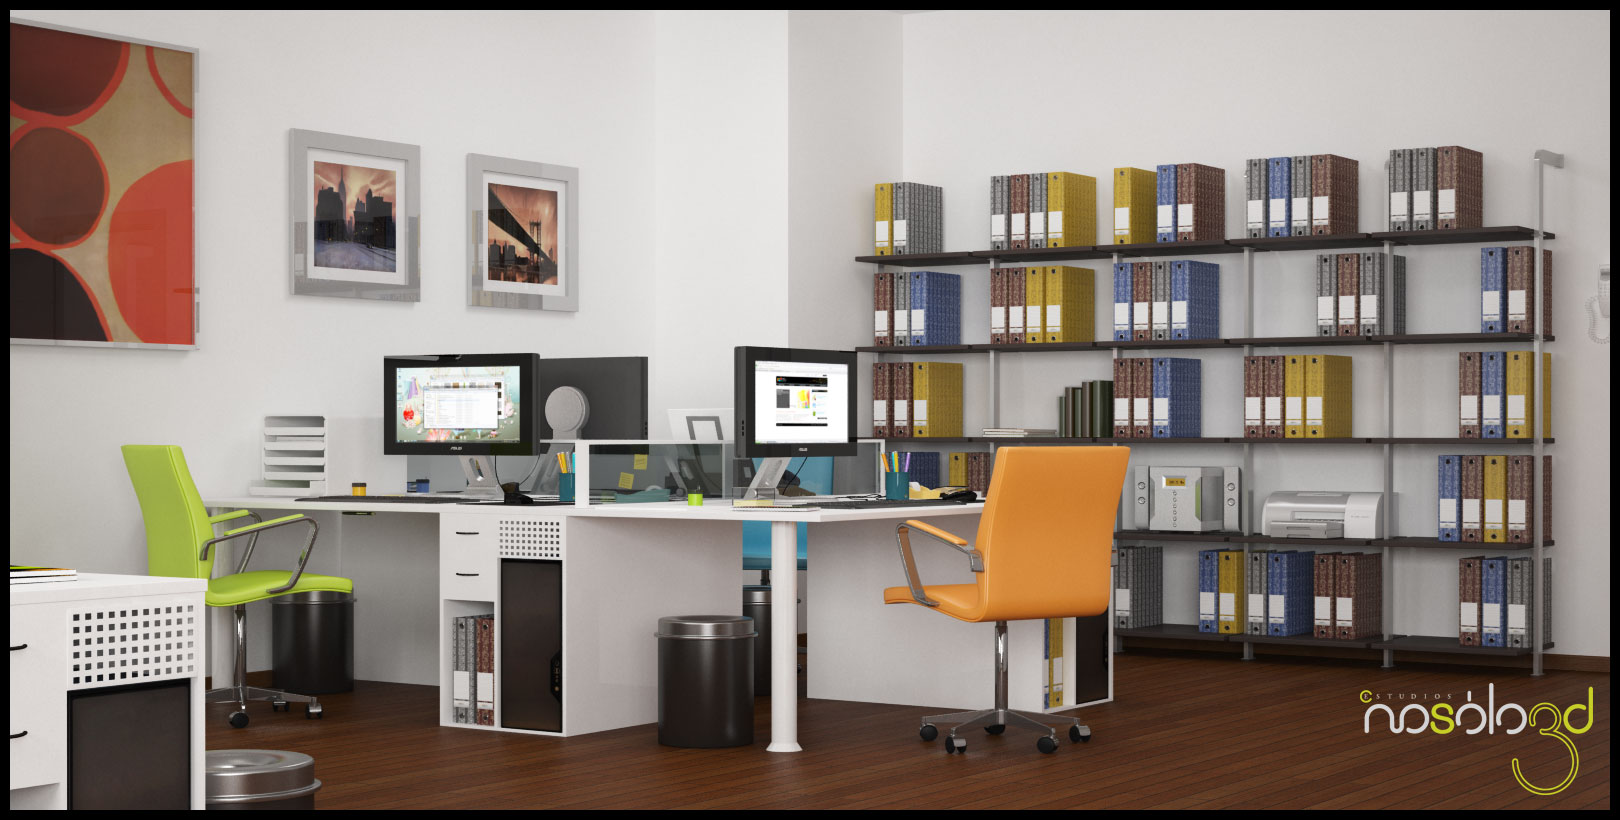 Oficina con cuatro ambientes for Imagenes de oficinas